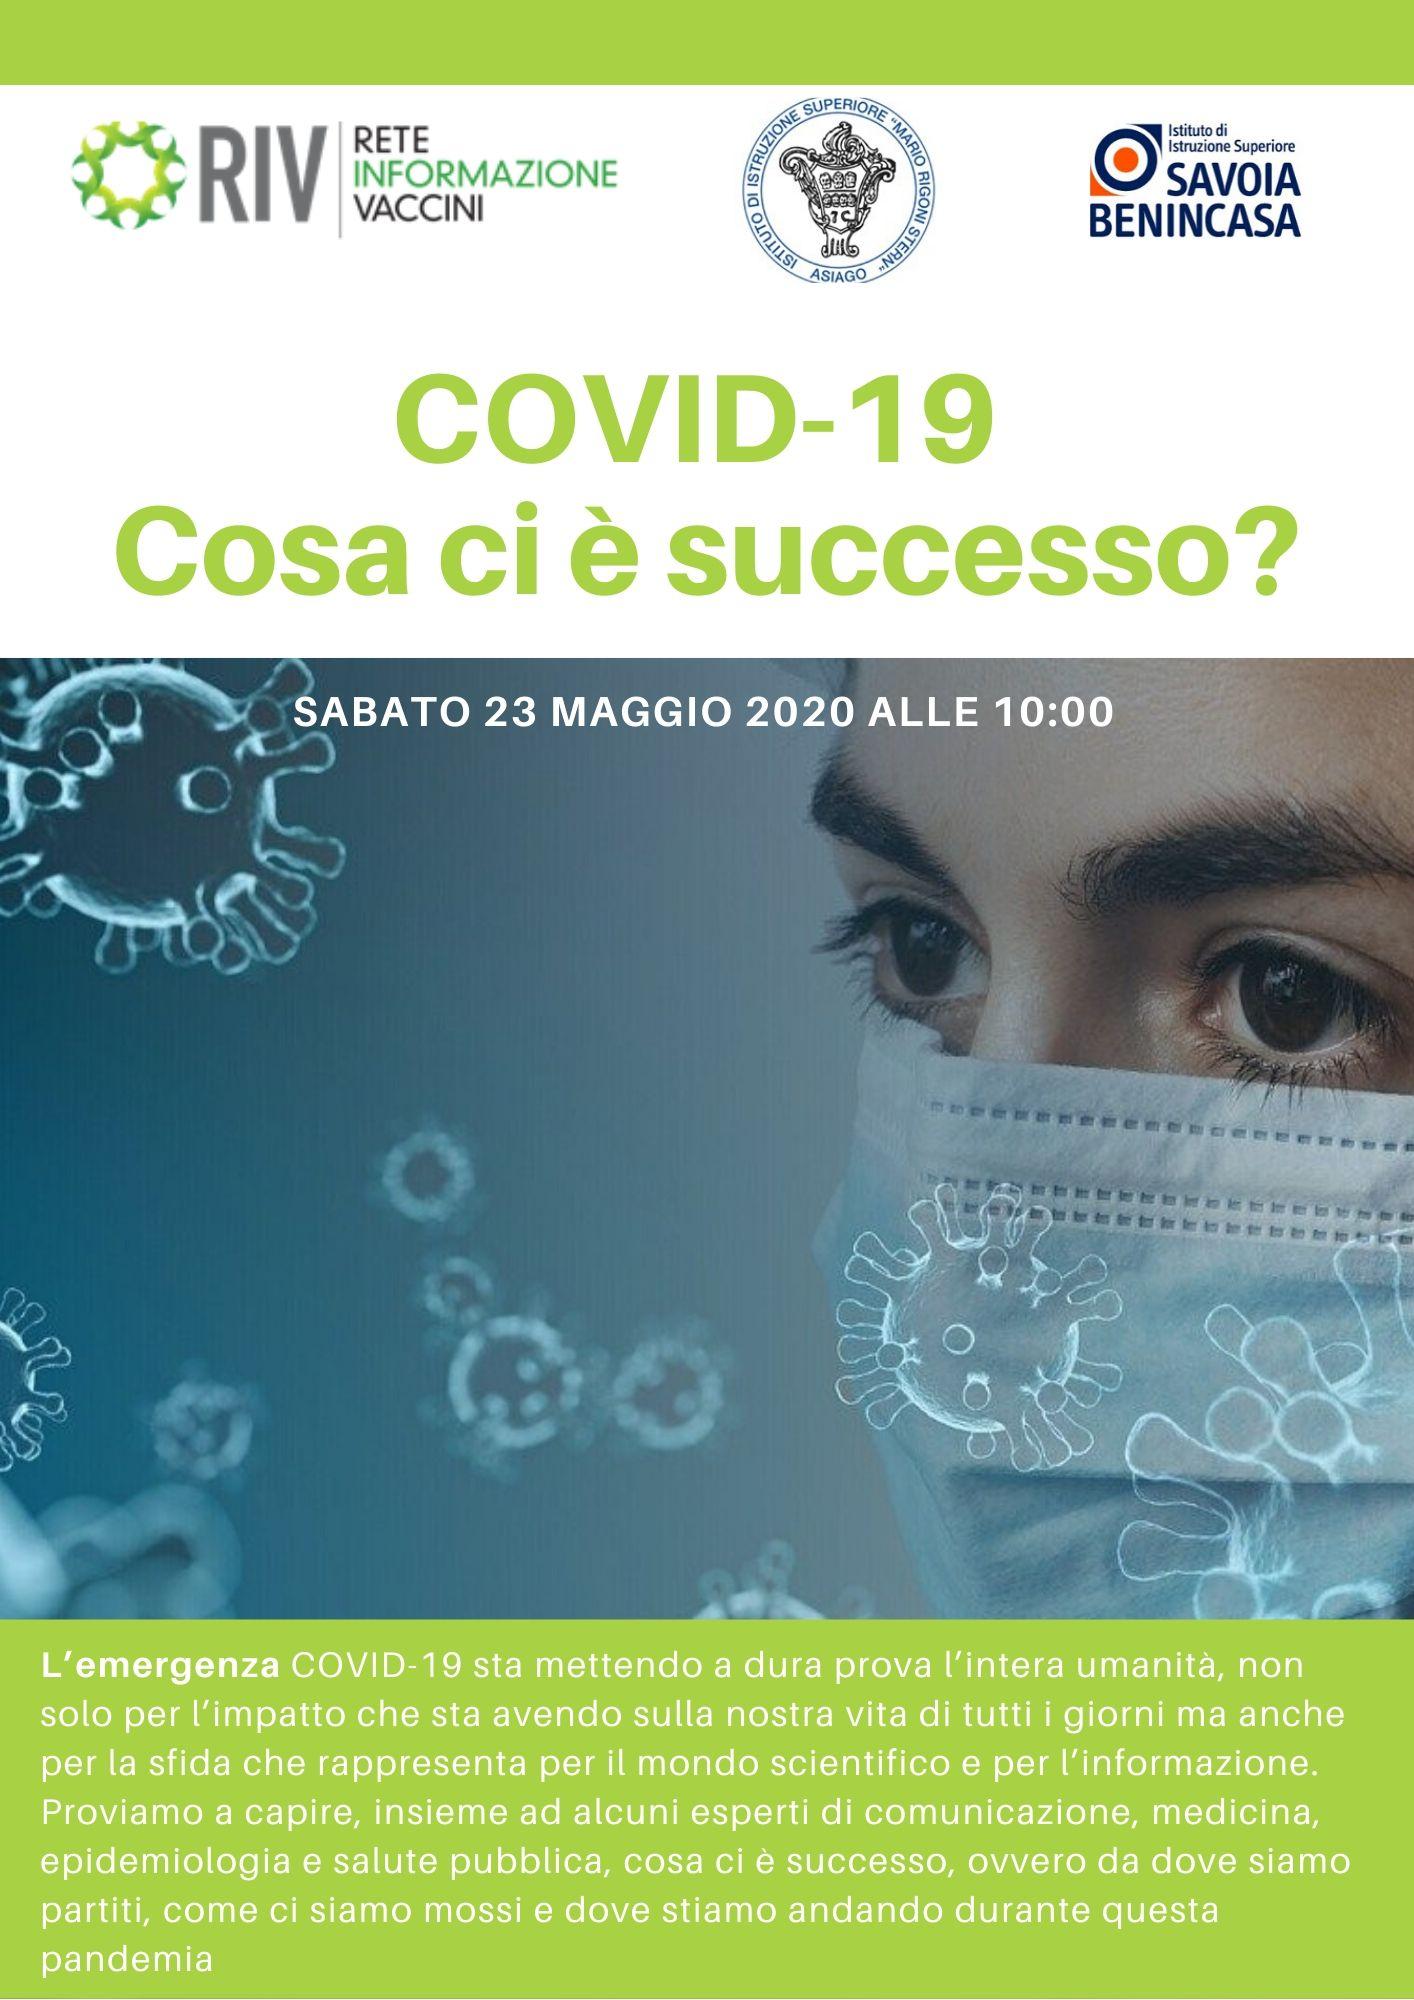 COVID-19 Cosa ci è successo?